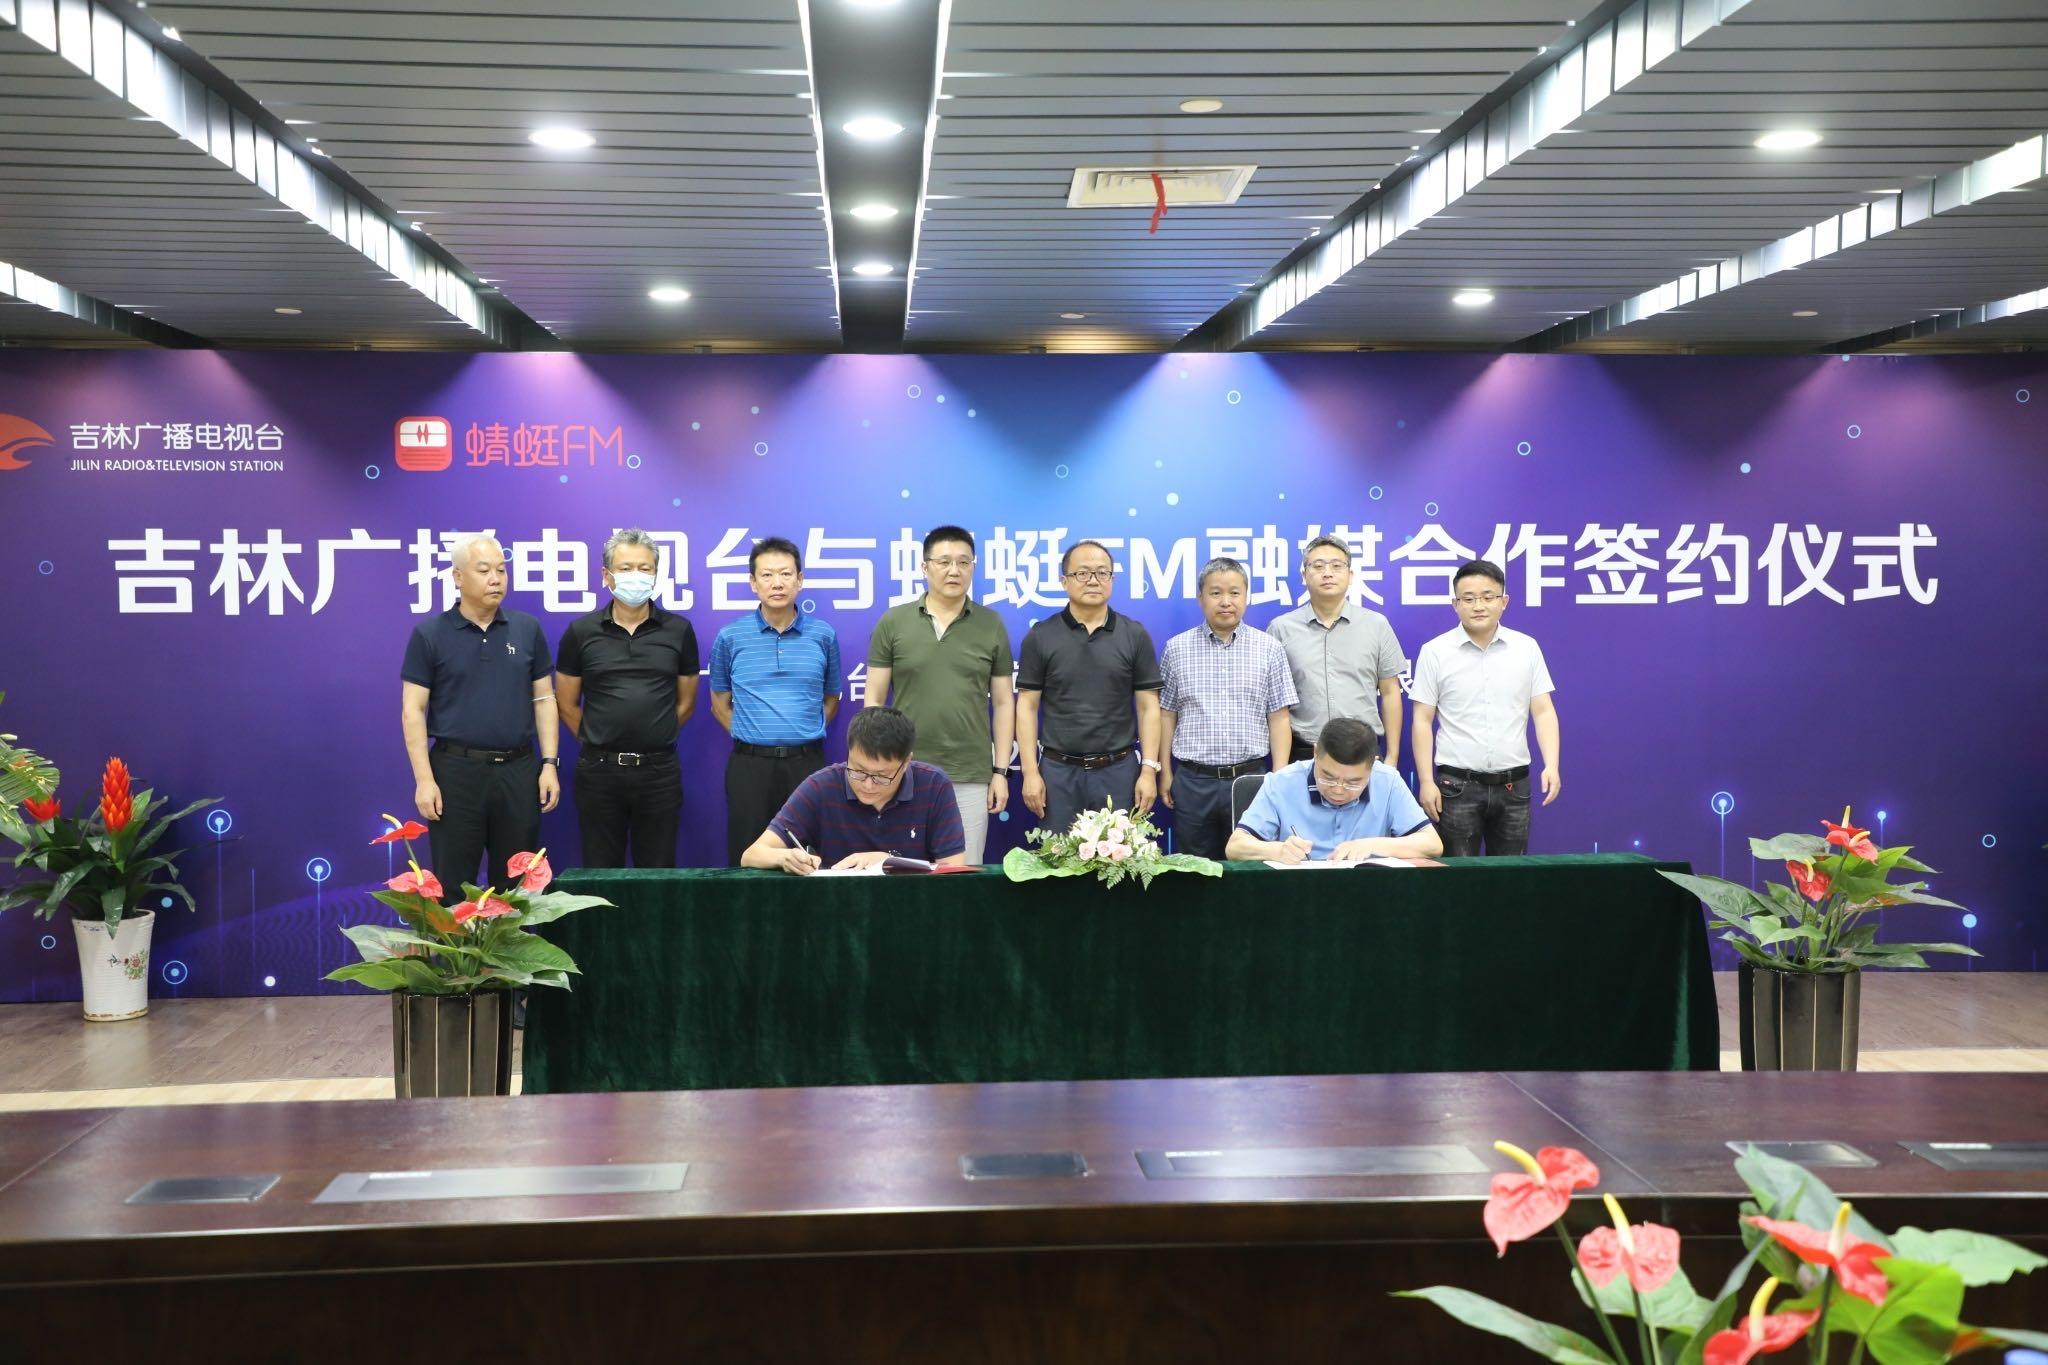 吉林广播电视台与蜻蜓FM举行融媒合作签约仪式